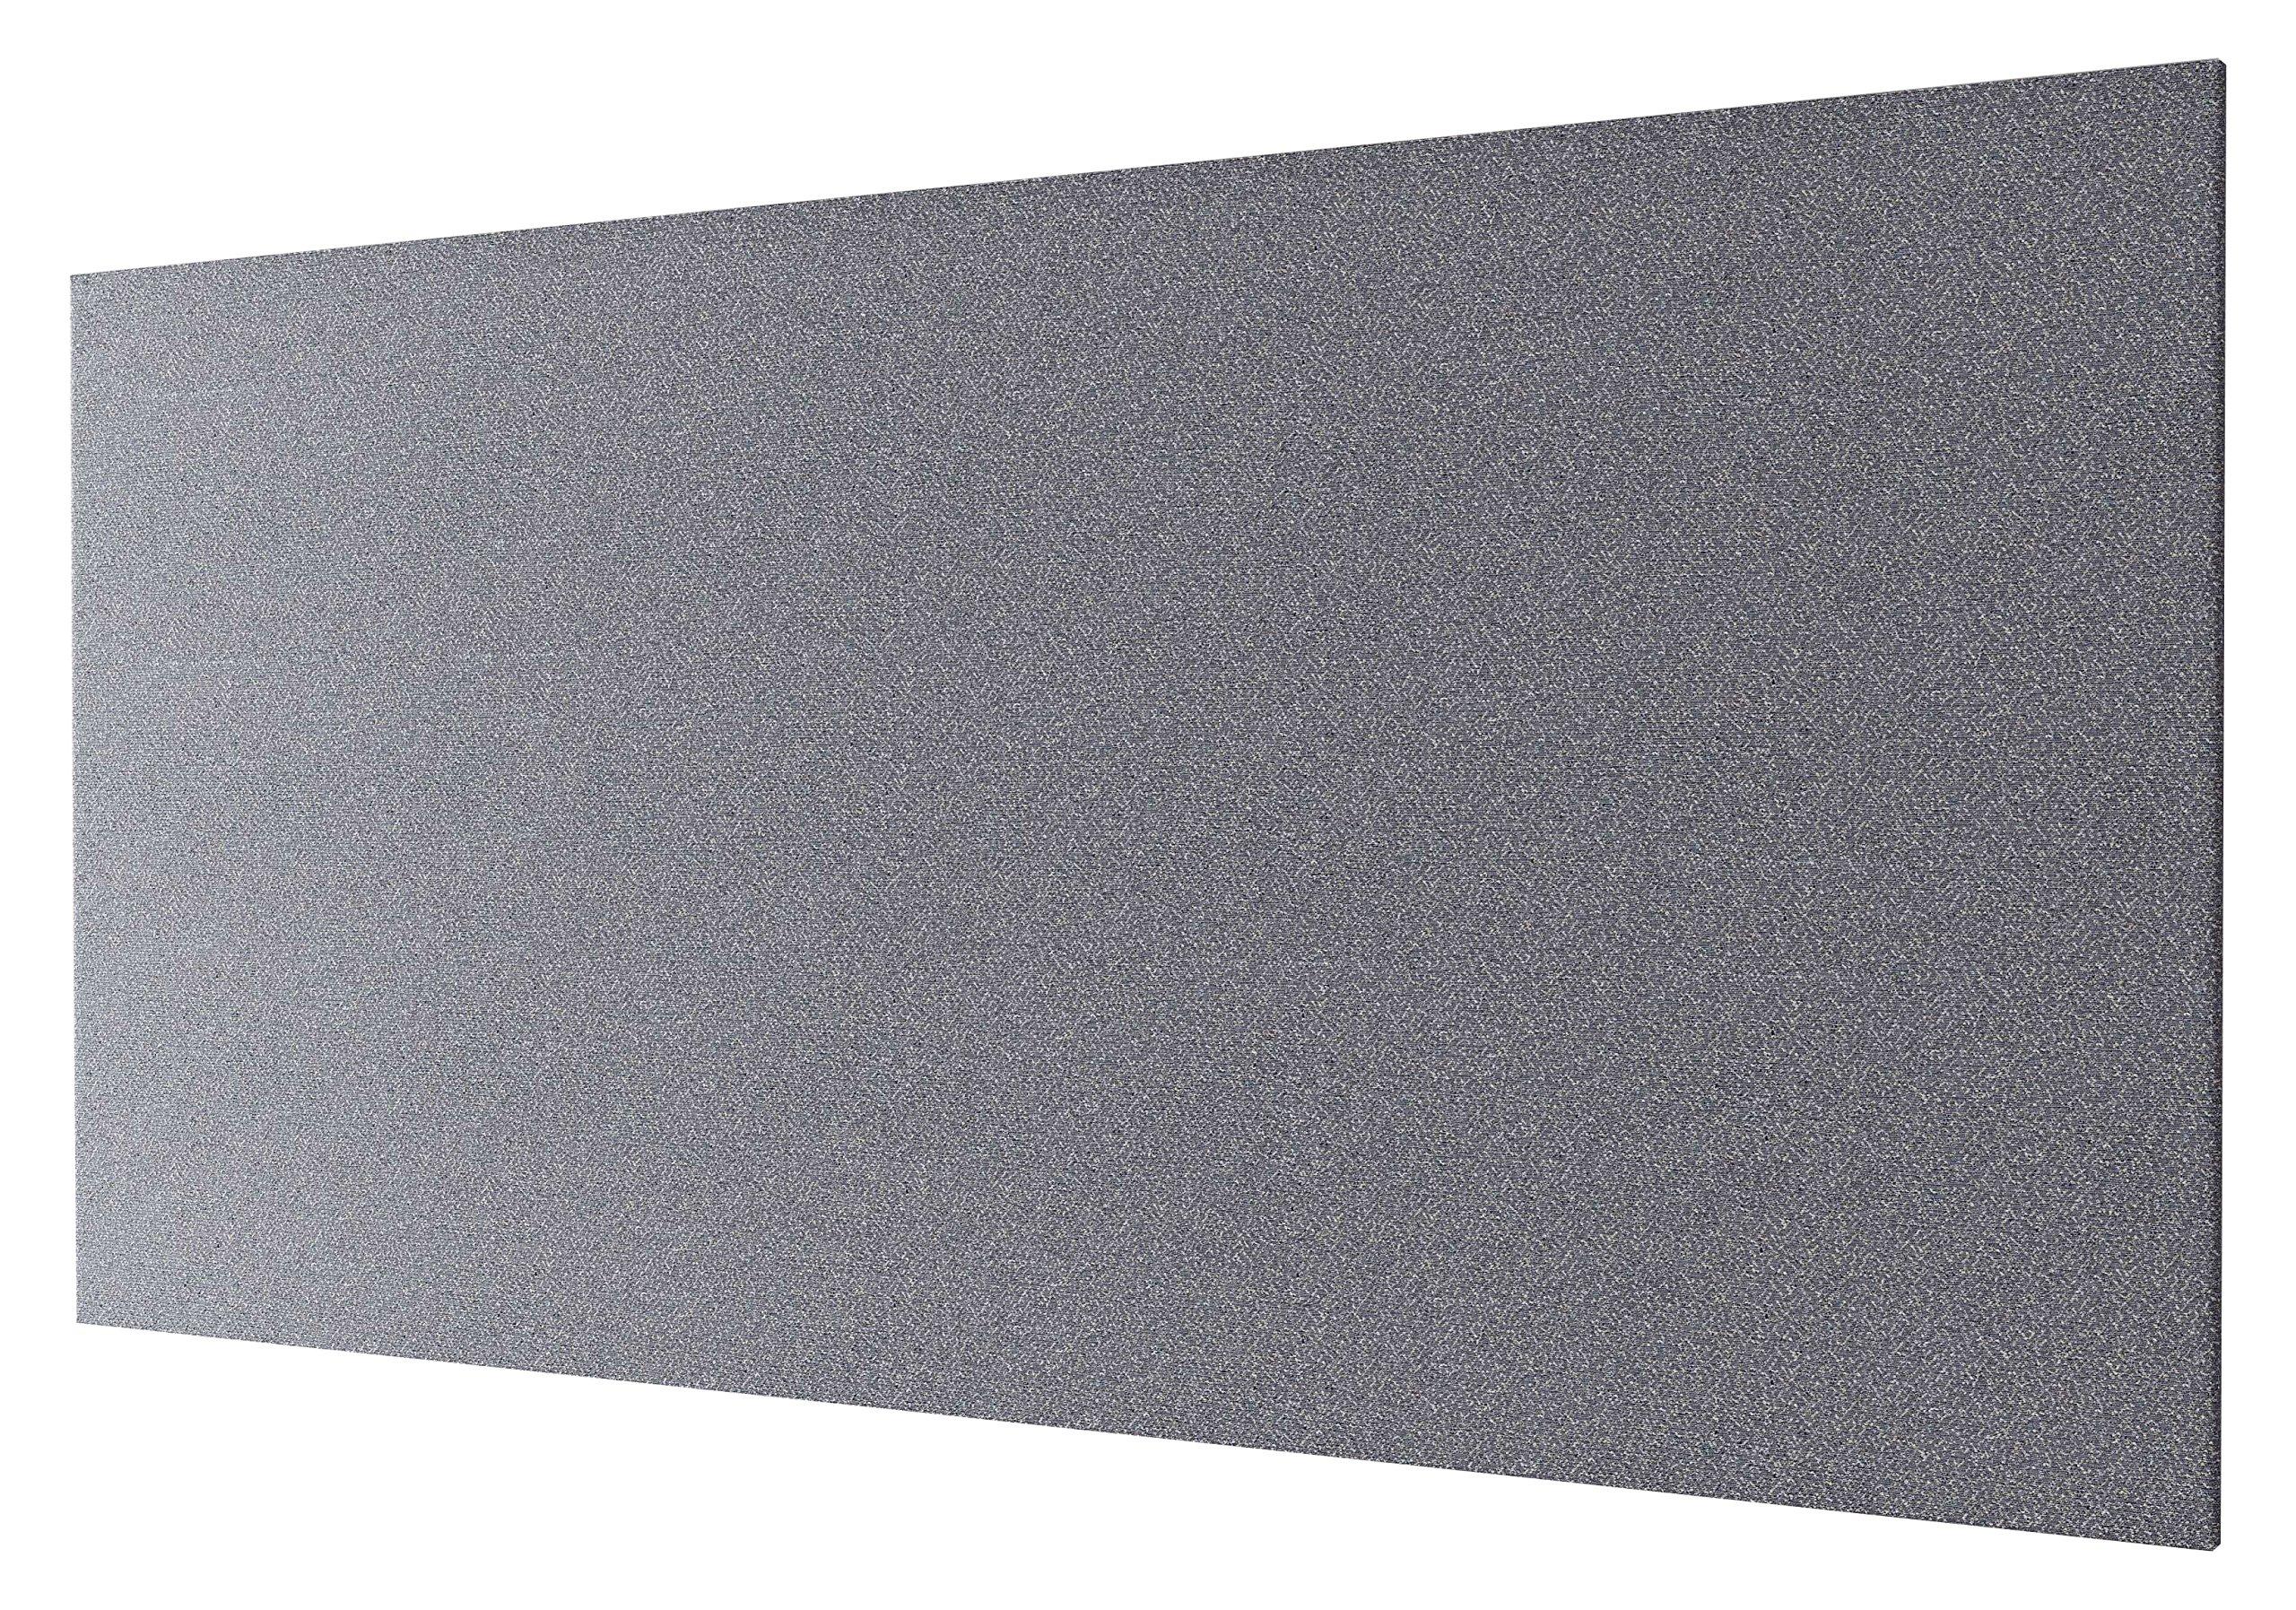 OBEX 30X60-TB-R-GR Rectangle Tackboard Contemporary Graphite